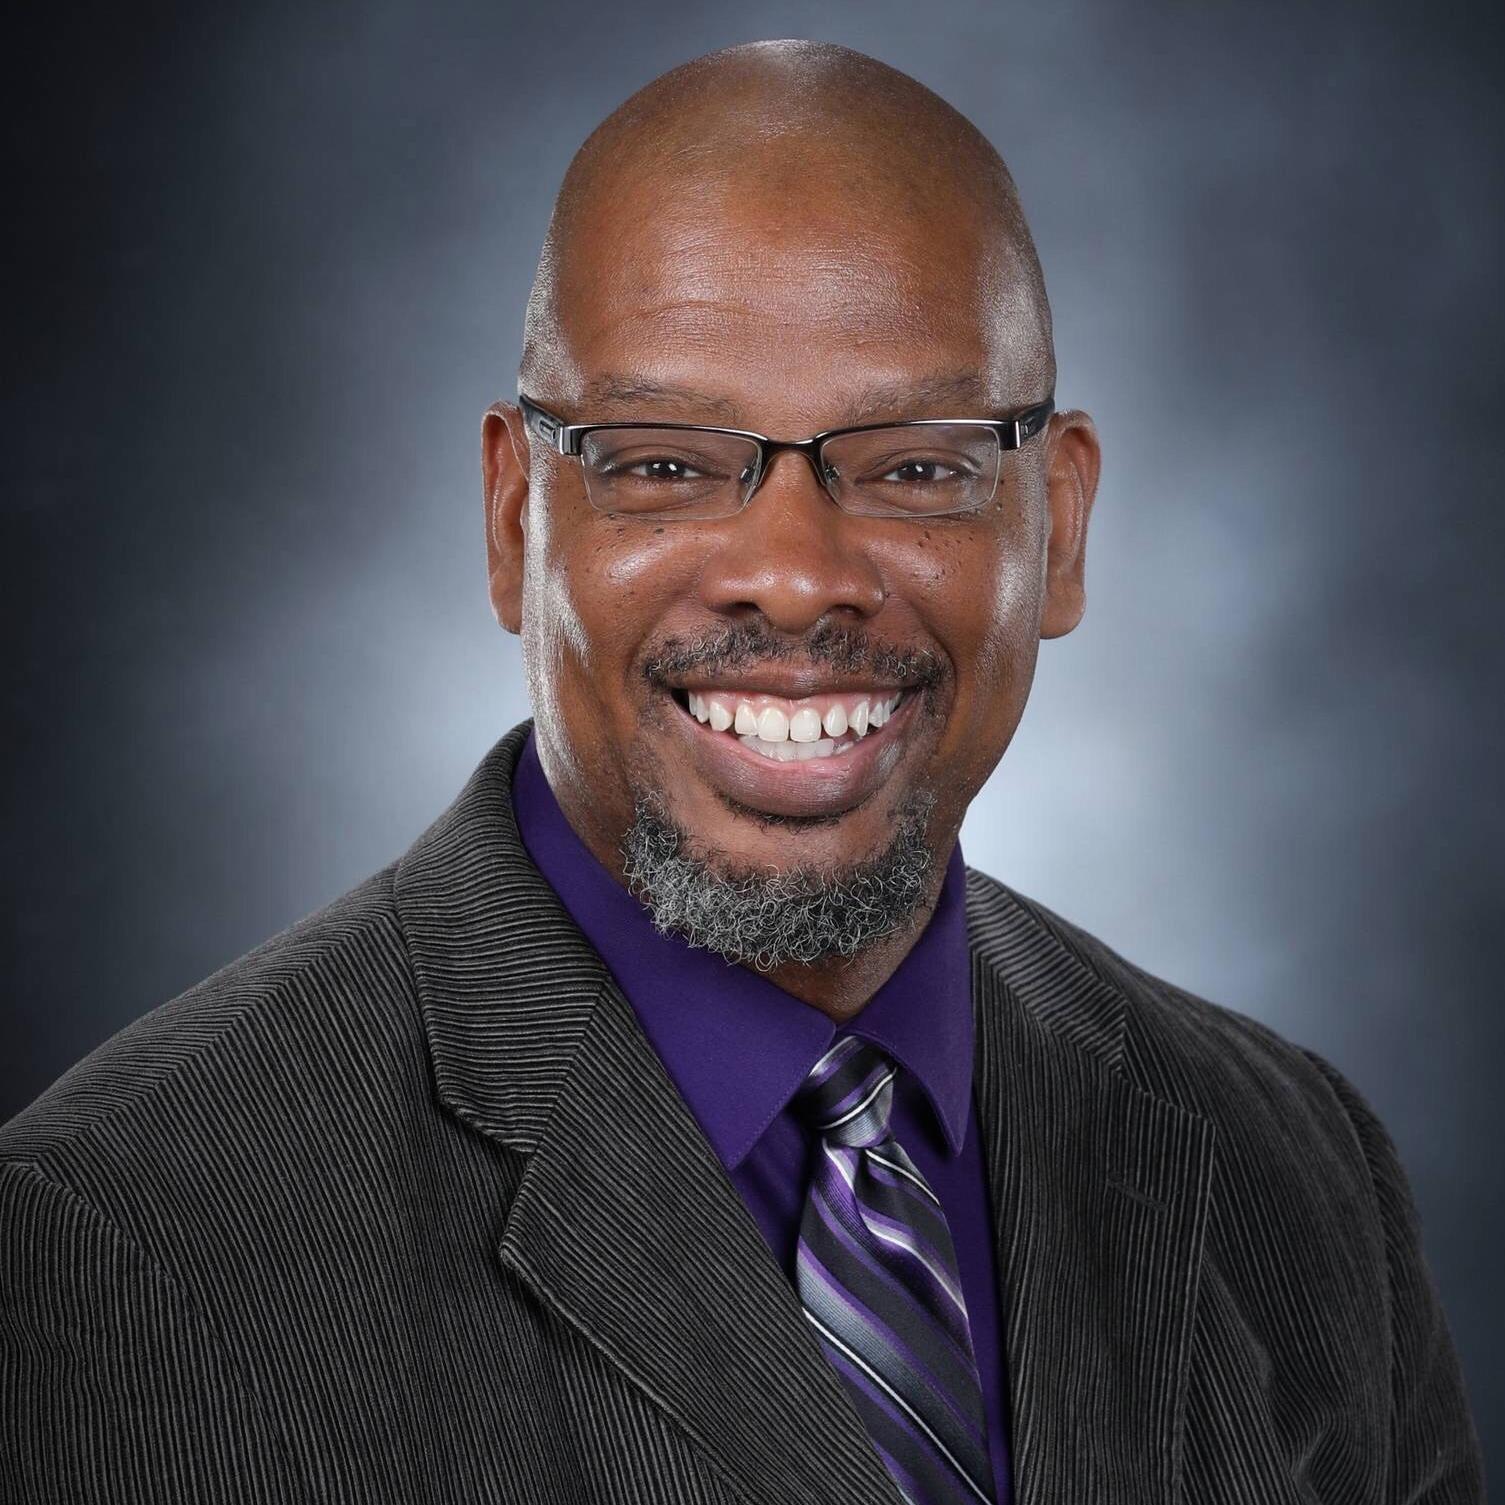 Jeffrey L. Jackson